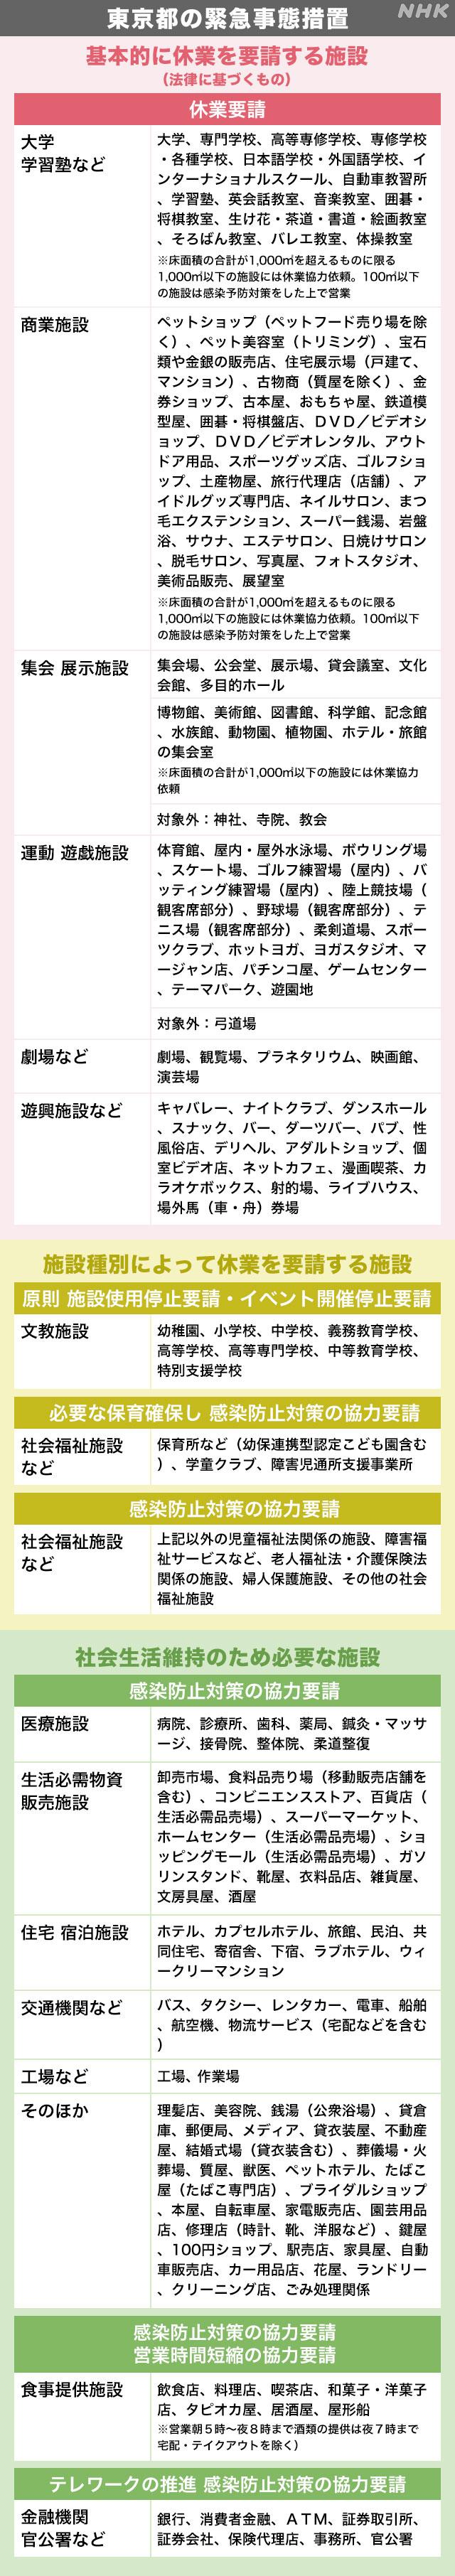 新型 コロナ ウイルス 愛知 県 感染 者